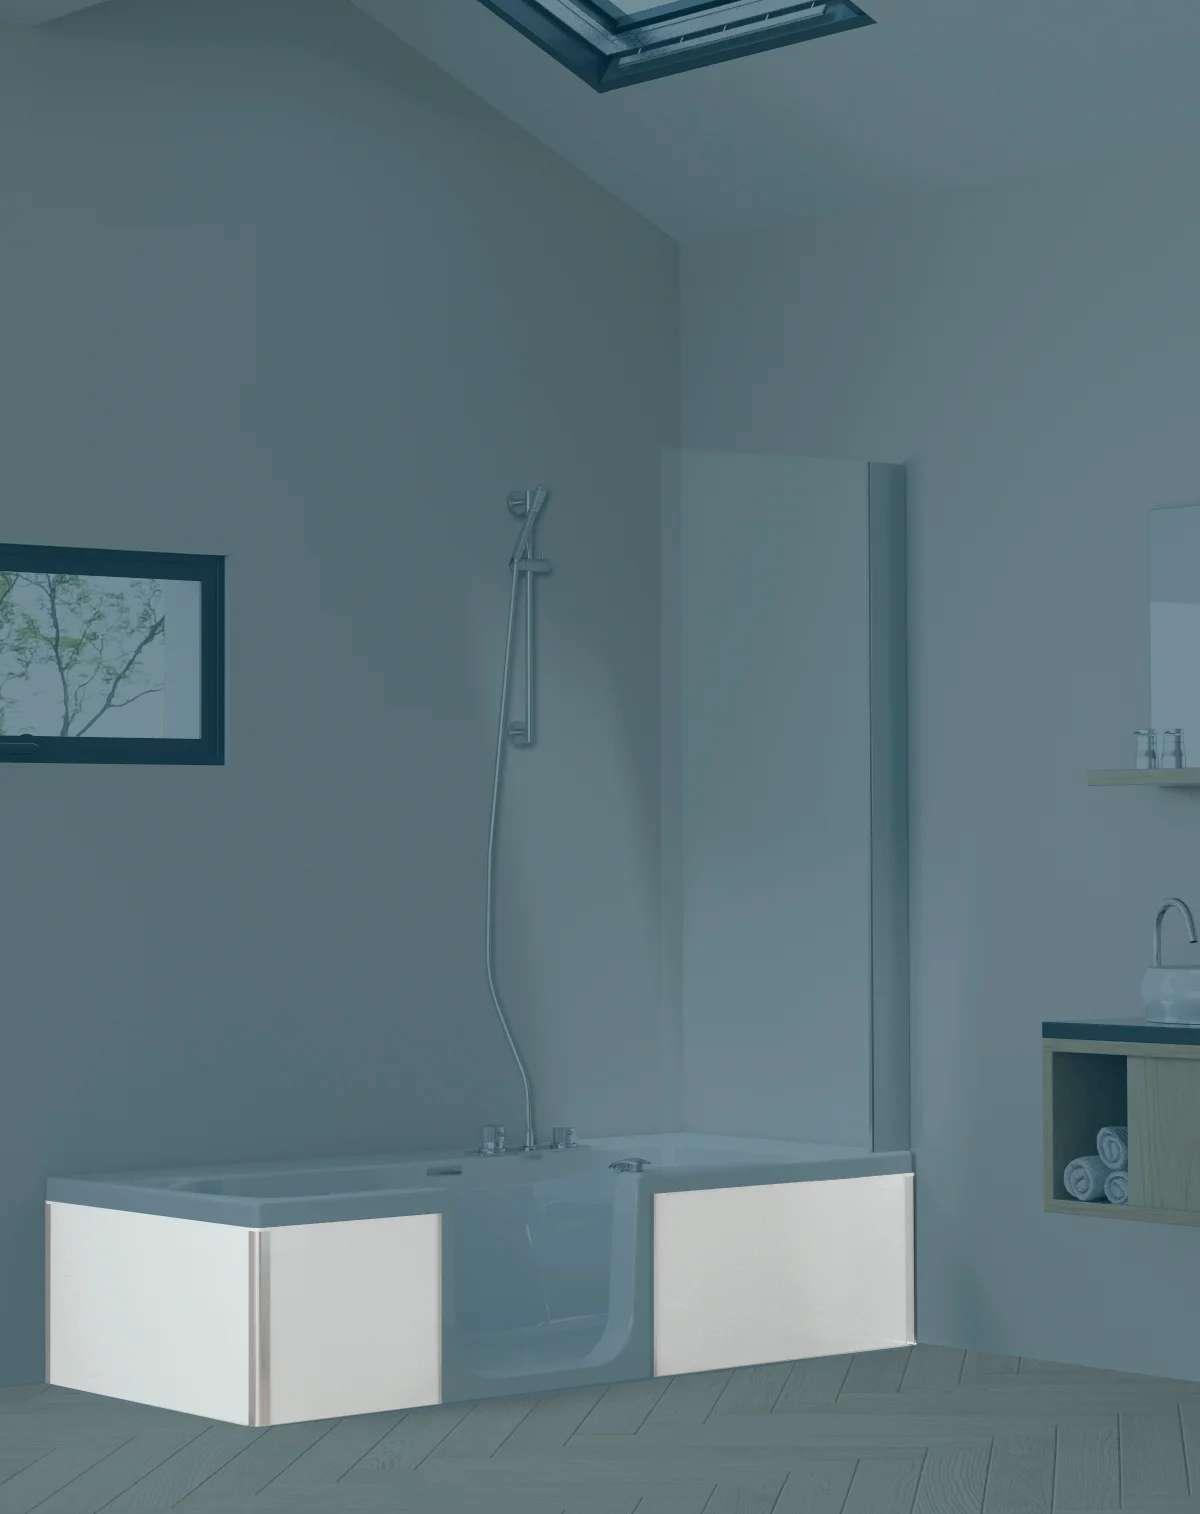 tablier de baignoire lateral et frontal l 75x l 170 cm kinedo sourceo